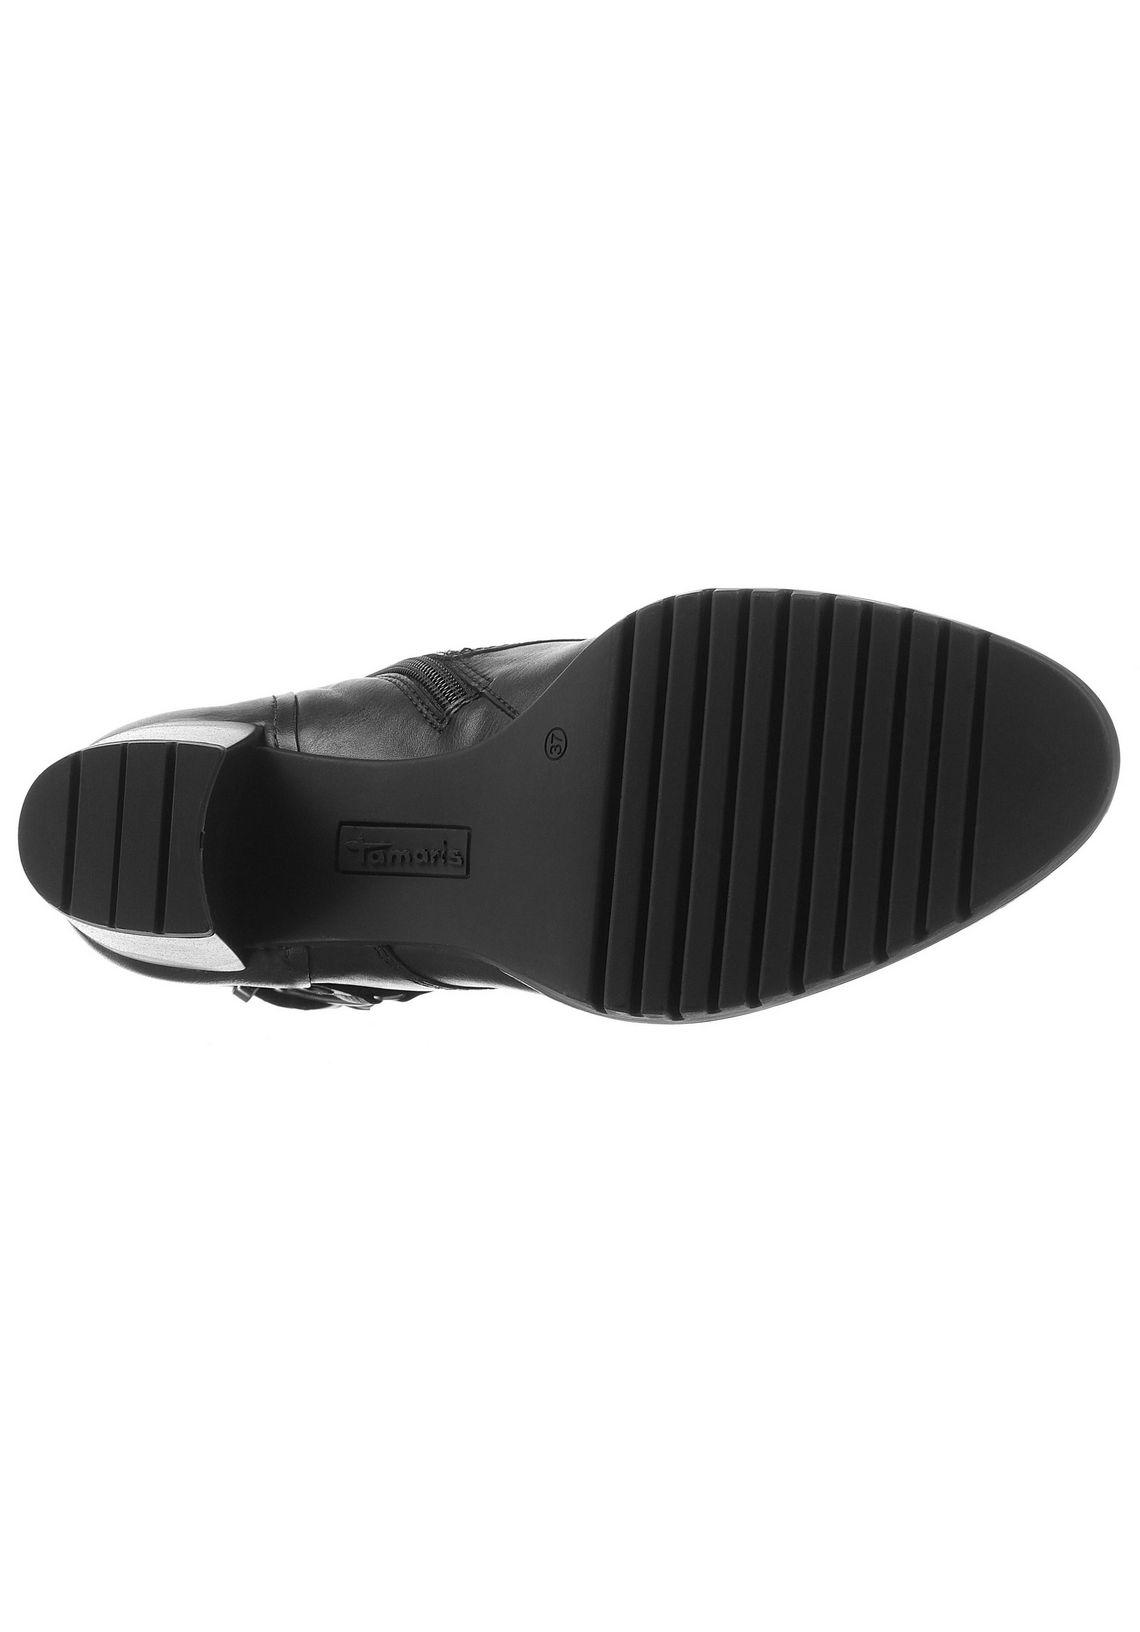 Tamaris veterlaarsjes snel online gekocht  zwart